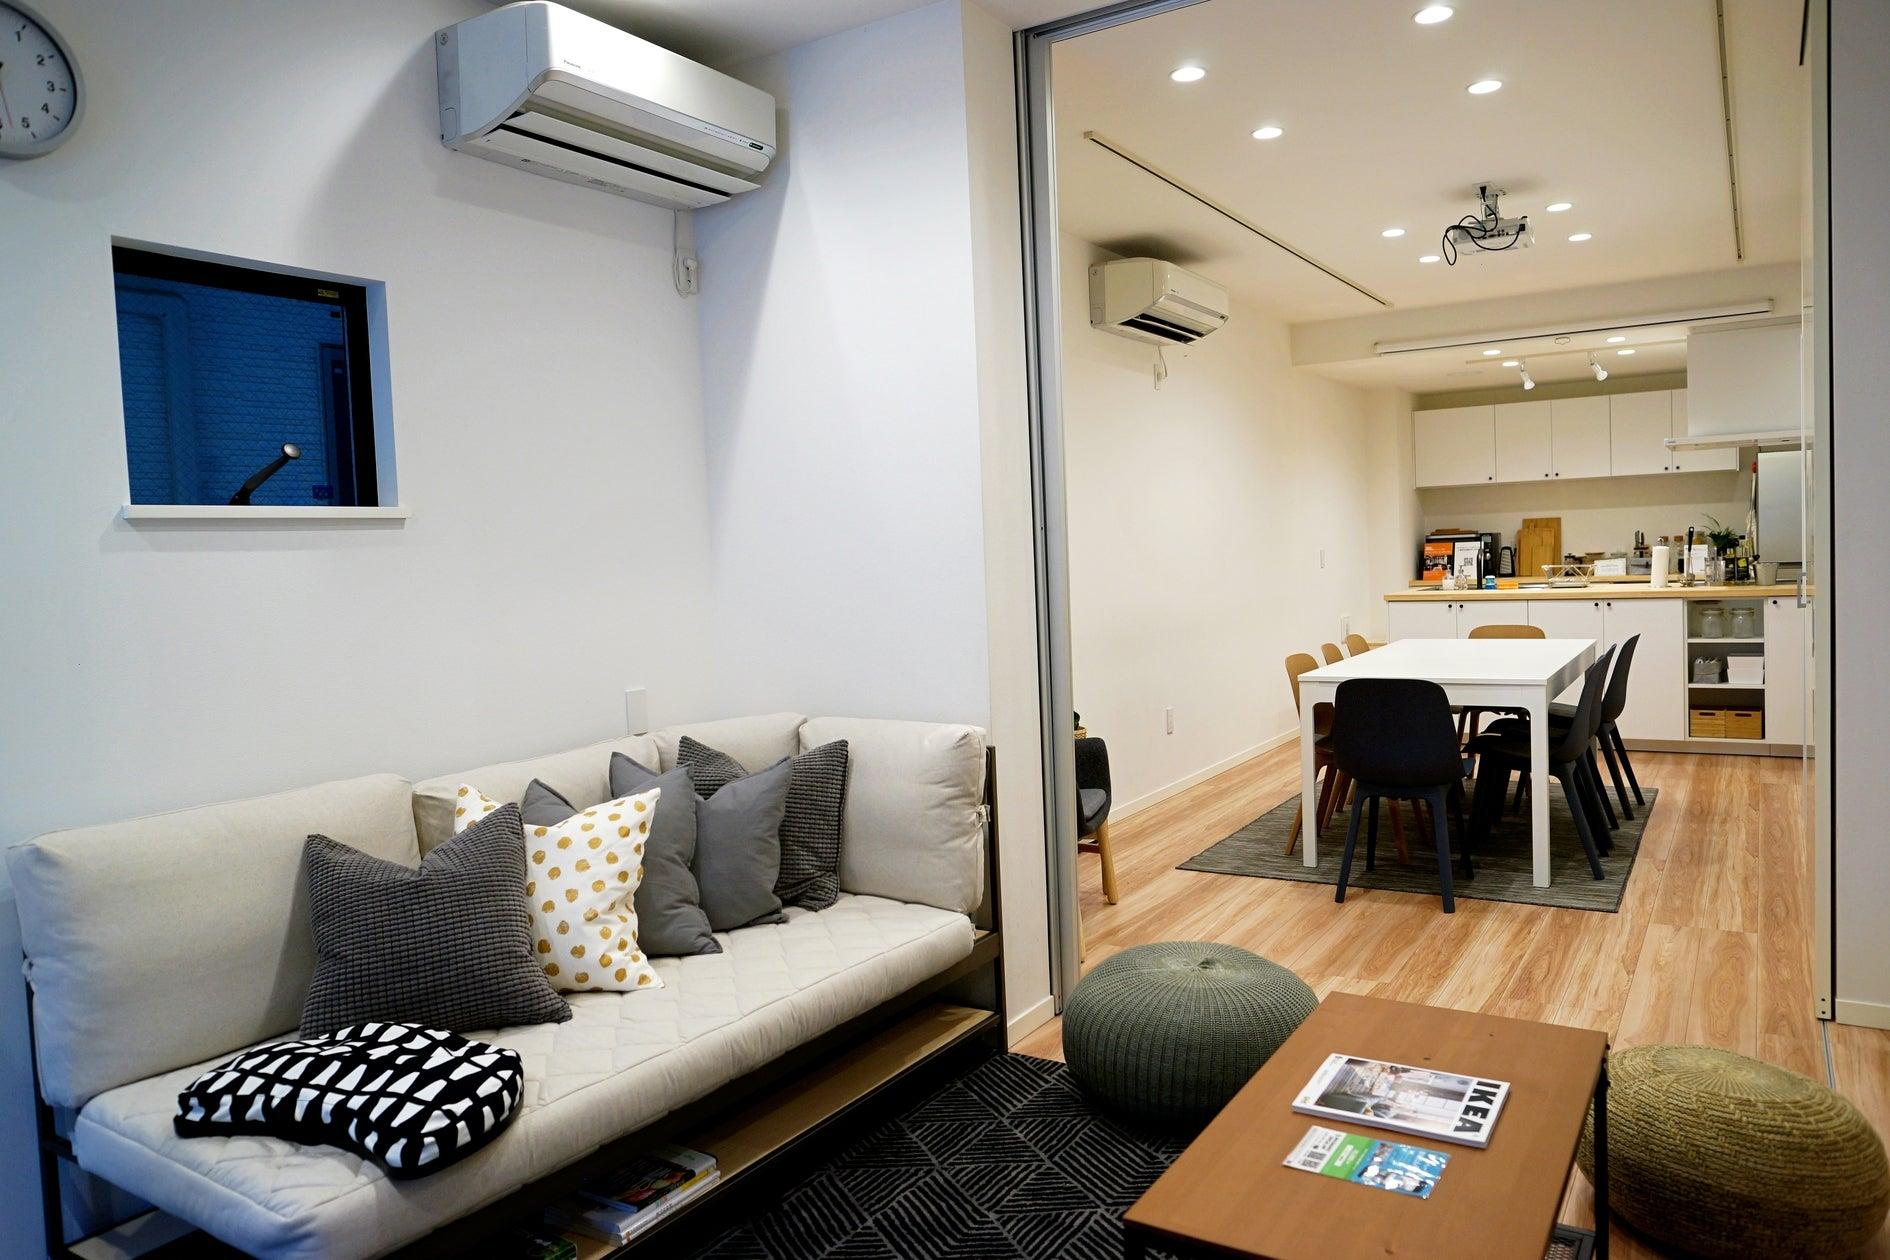 【キャンペーン企画第1弾 】 南青山の一軒家「IKEA MUMS HOME」が無料でレンタルできるチャンス